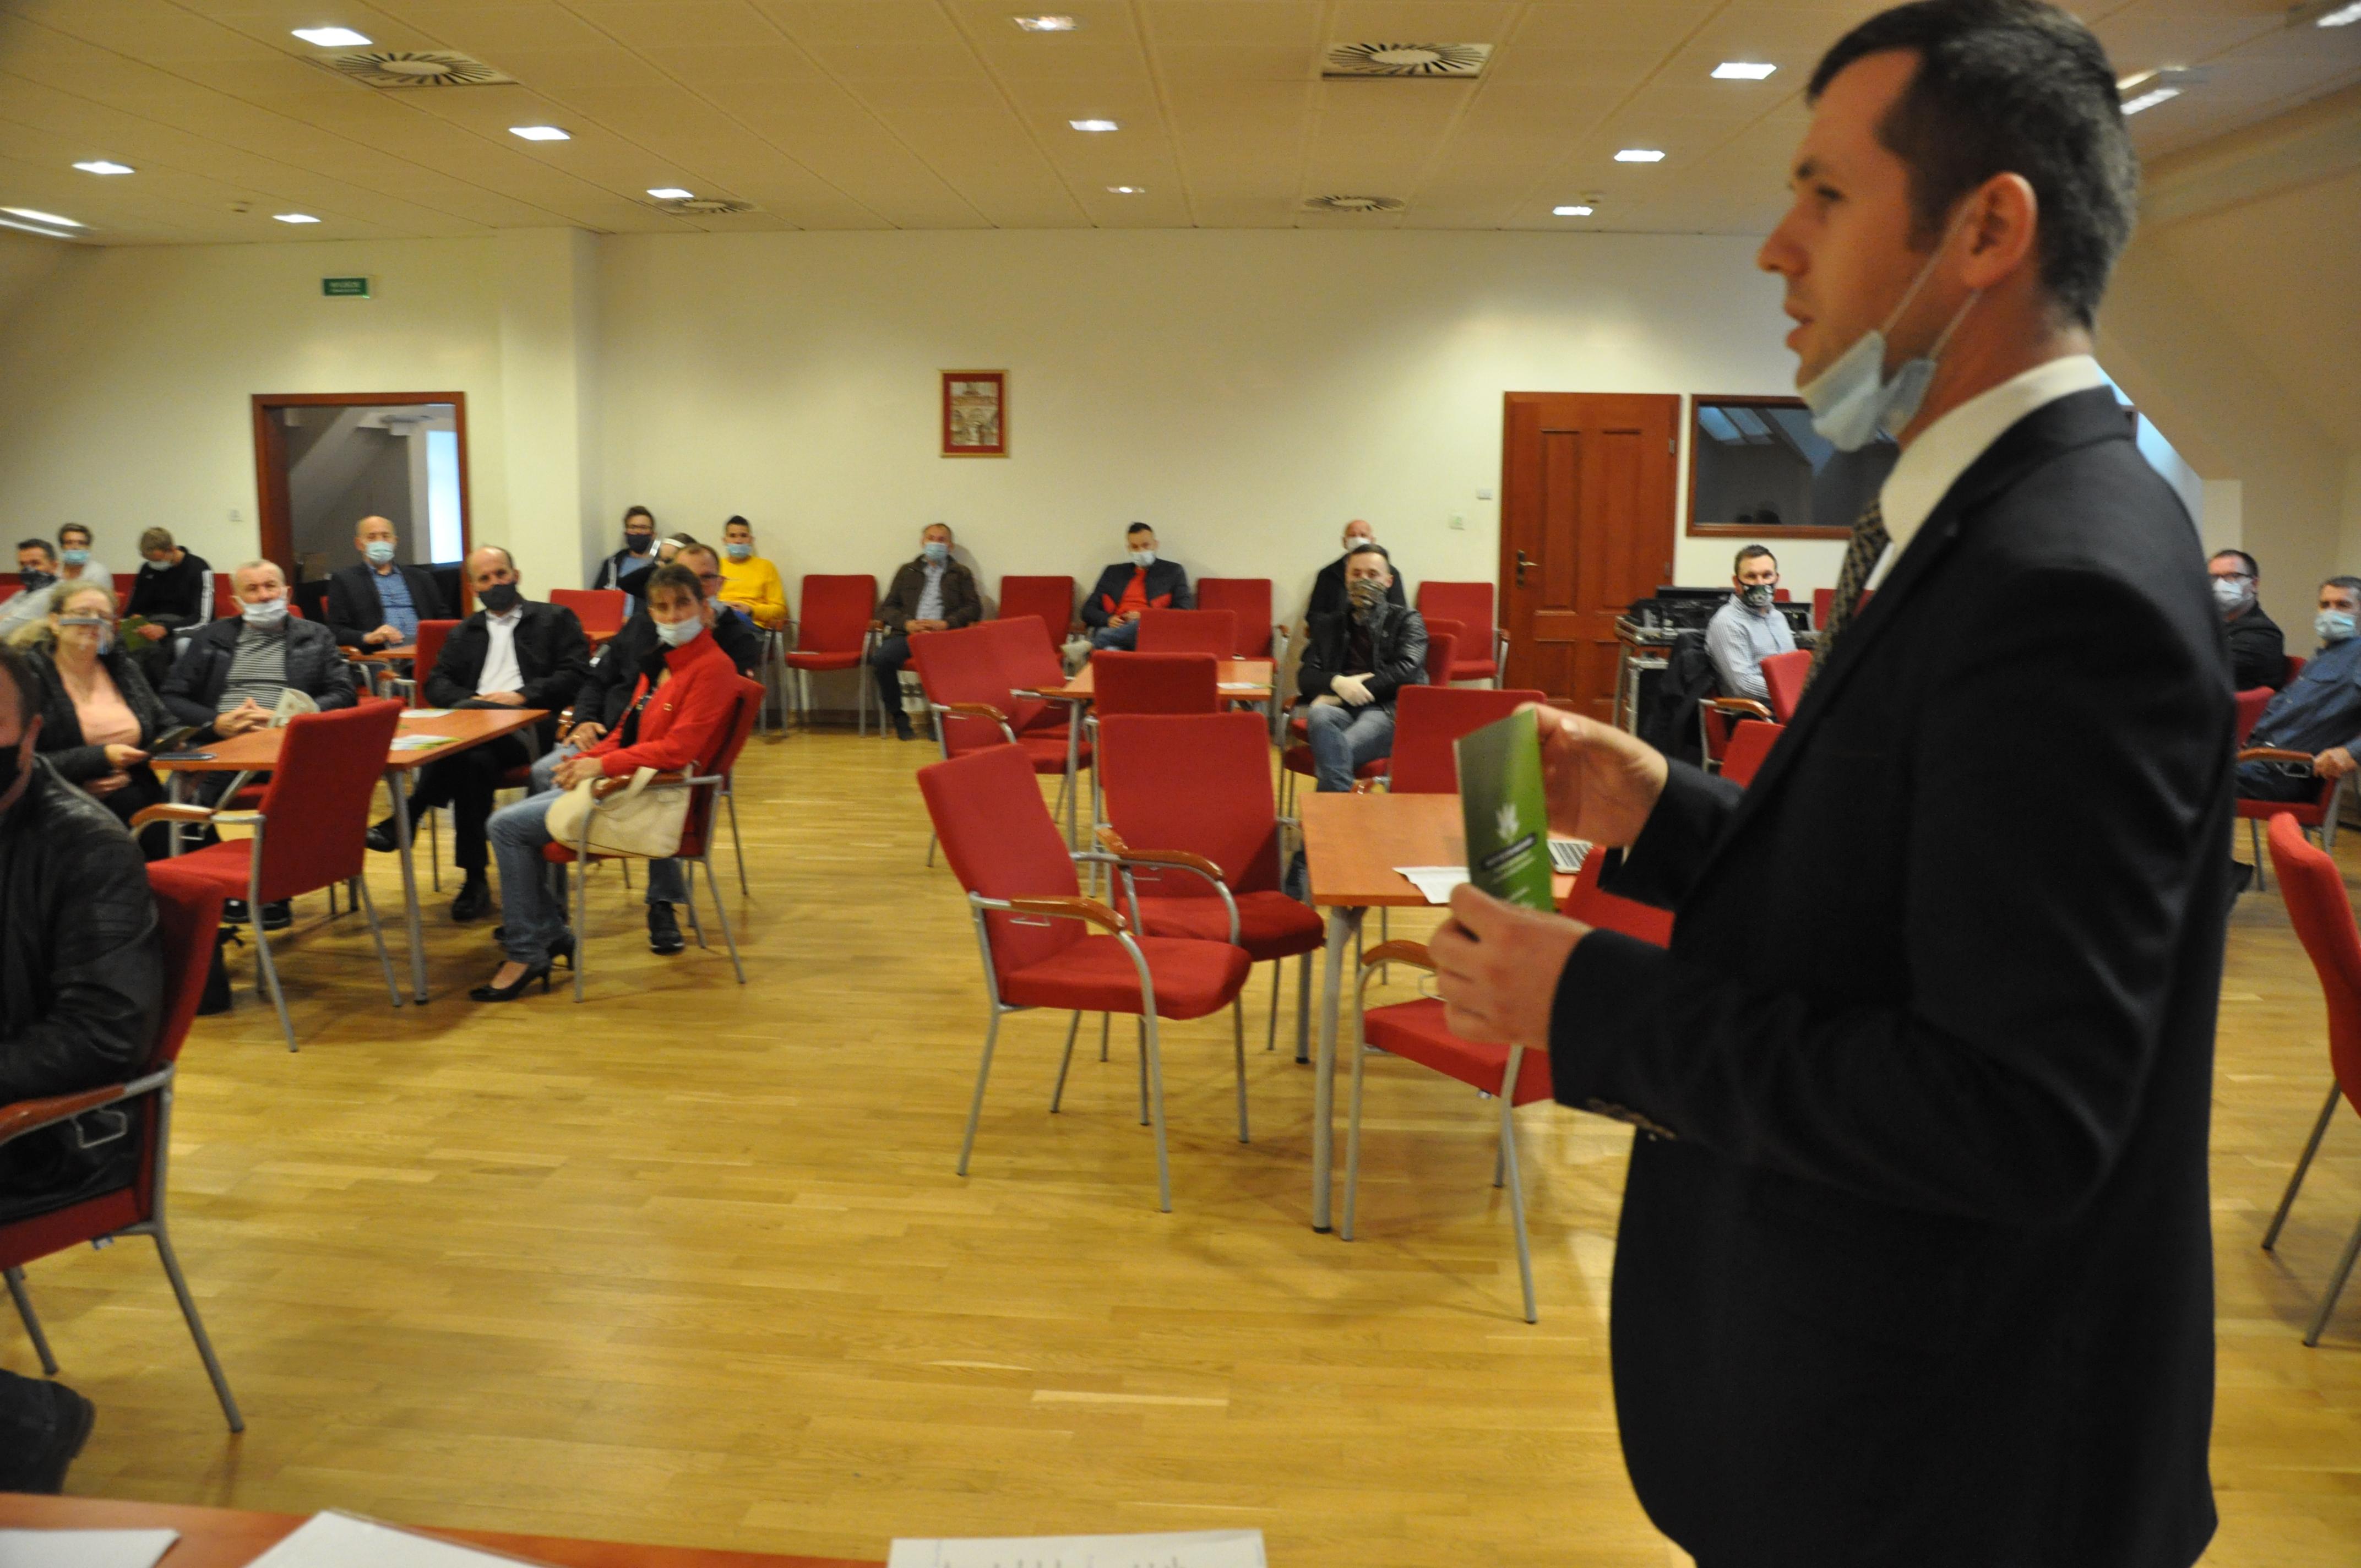 """W październiku 2020 roku na Zamku Piastowskim w Raciborzu zorganizowano pierwsze spotkanie dotyczące dzierżawy państwowej ziemi dla rolników indywidualnych. Relacje z tego wydarzenia można było przeczytać w """"Nowinach Raciborskich"""" oraz usłyszeć w Radio Vanessa. - Po tym spotkaniu dostałem pismo dużej kancelarii prawnej z Katowic. Przedsiębiorstwo rolno-przemysłowe z siedzibą w Raciborzu wezwało mnie do zaprzestania podawania informacji na temat wysokości czynszu dzierżawnego, bo informacja ta nie ma charakteru publicznego. Ja wysłałem pismo do Krajowego Ośrodka Wsparcia Rolnictwa i w trybie dostępu do informacji publicznej dostałem taką informację - powiedział Ł. Mura podczas kolejnego spotkania. Przywódca rolniczej inicjatywy postanowił zabezpieczyć się przed ewentualnymi krokami prawnymi - całe spotkanie w Sudole zostało nagrane (za zgodą obecnych na sali)."""